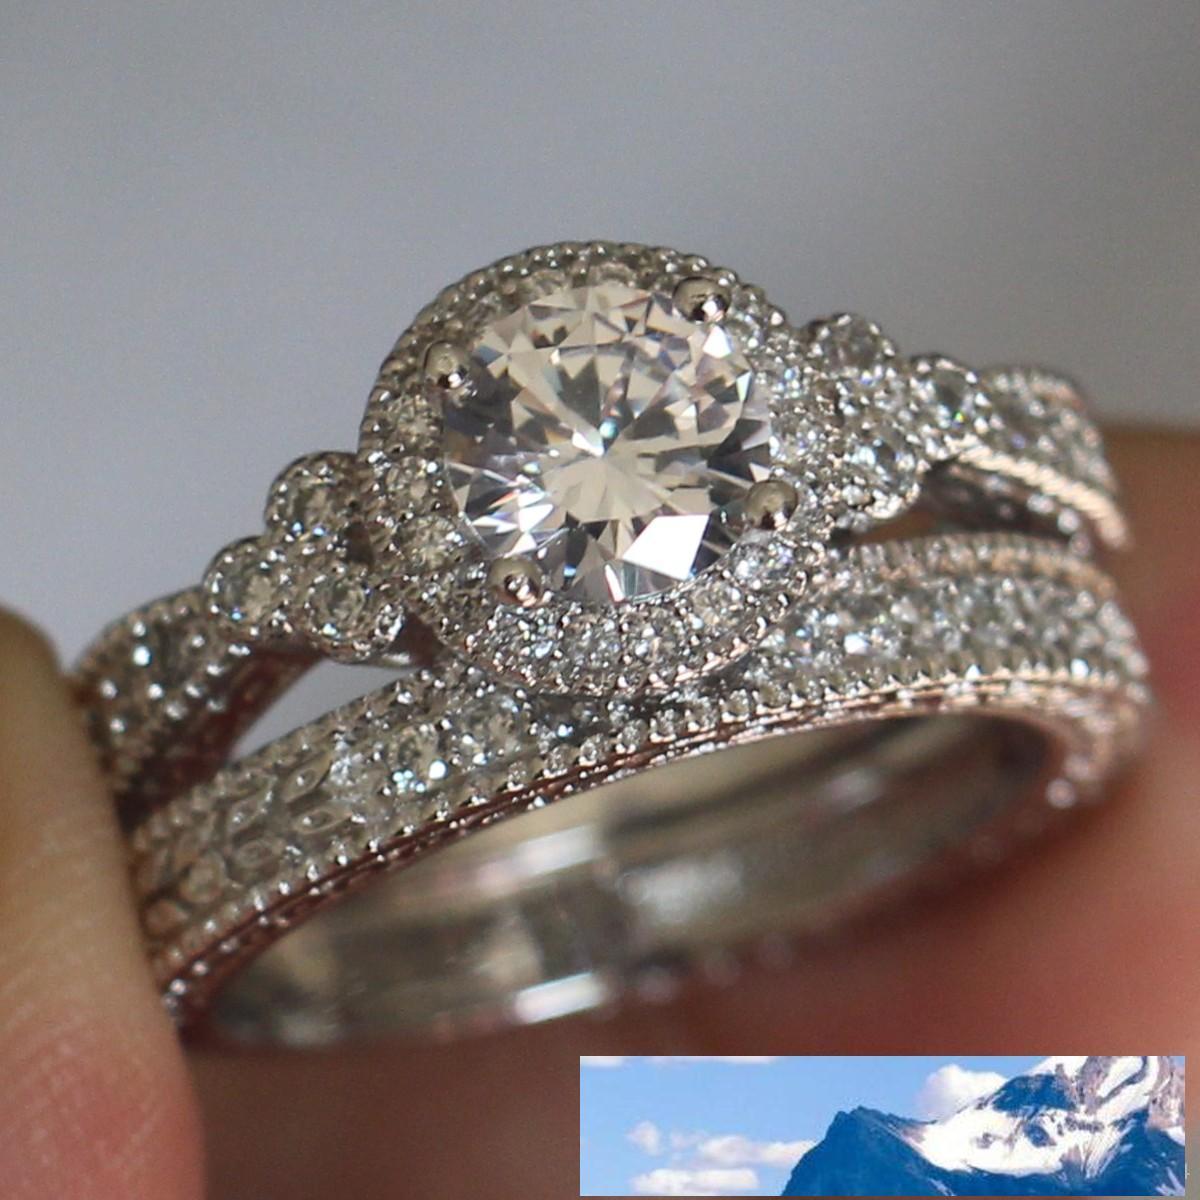 مجوهرات الساخن 925 فضة جولة قص توباز مقلد خاتم الماس الزفاف المرأة الزفاف مجموعة لمحبي هدية عيد الميلاد